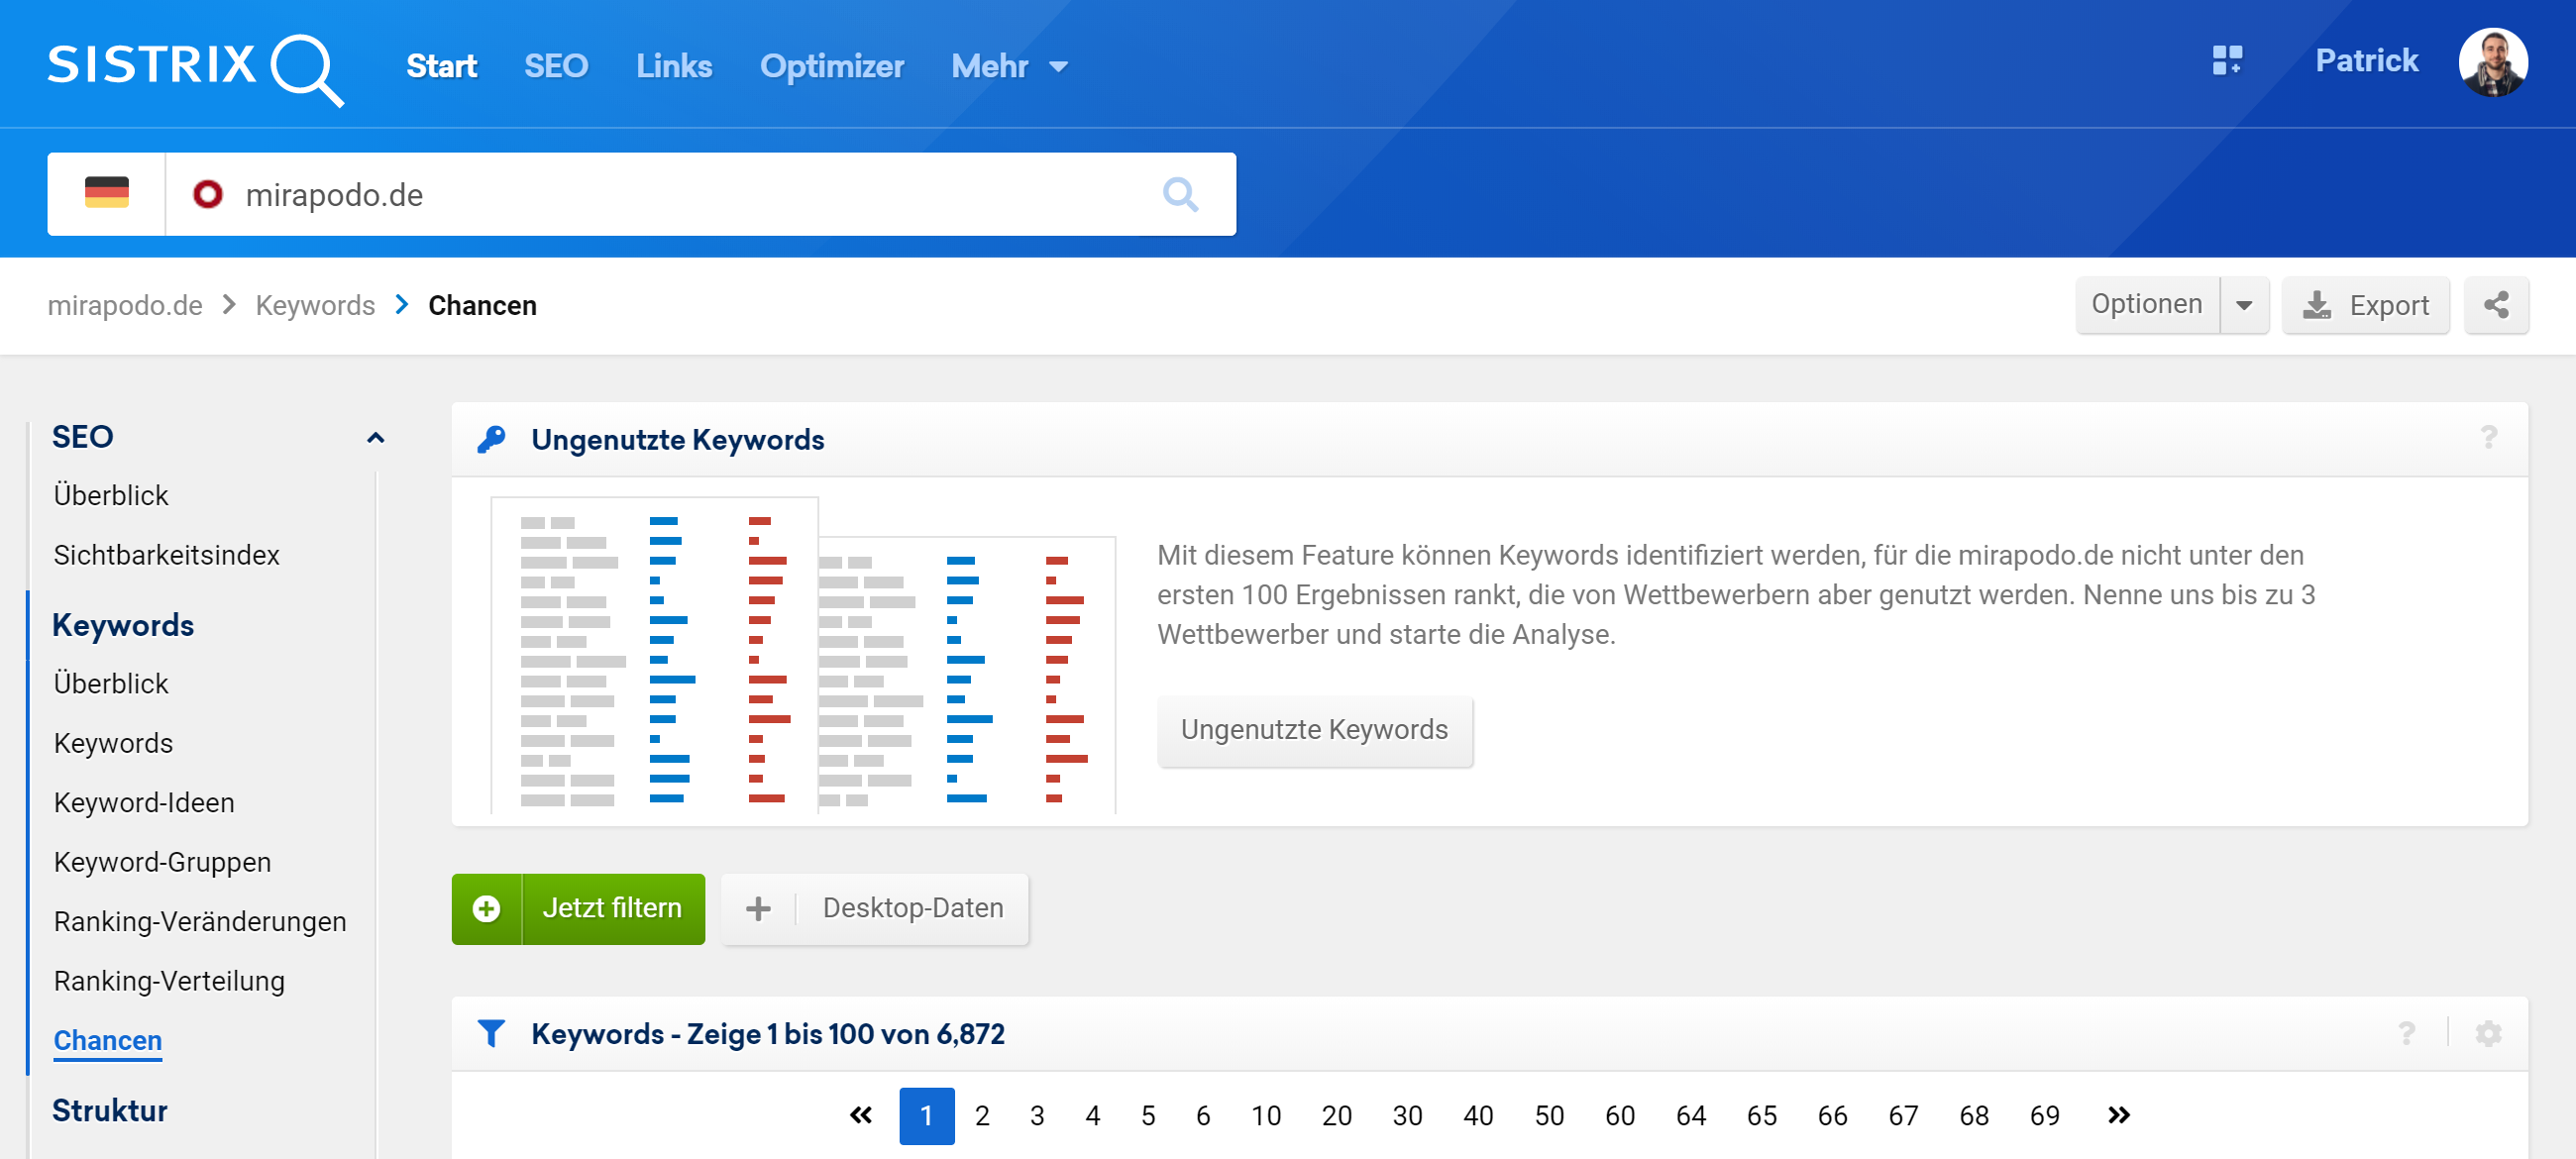 """Klickpfad zu den """"Ungenutzten Keywords"""" für die Domain mirapodo.de. Gib dazu die Domain in die Suchleiste ein, klicke in der linken Navigation daraufhin auf """"Chancen"""" und dann auf den Button """"Ungenutzte Keywords""""."""